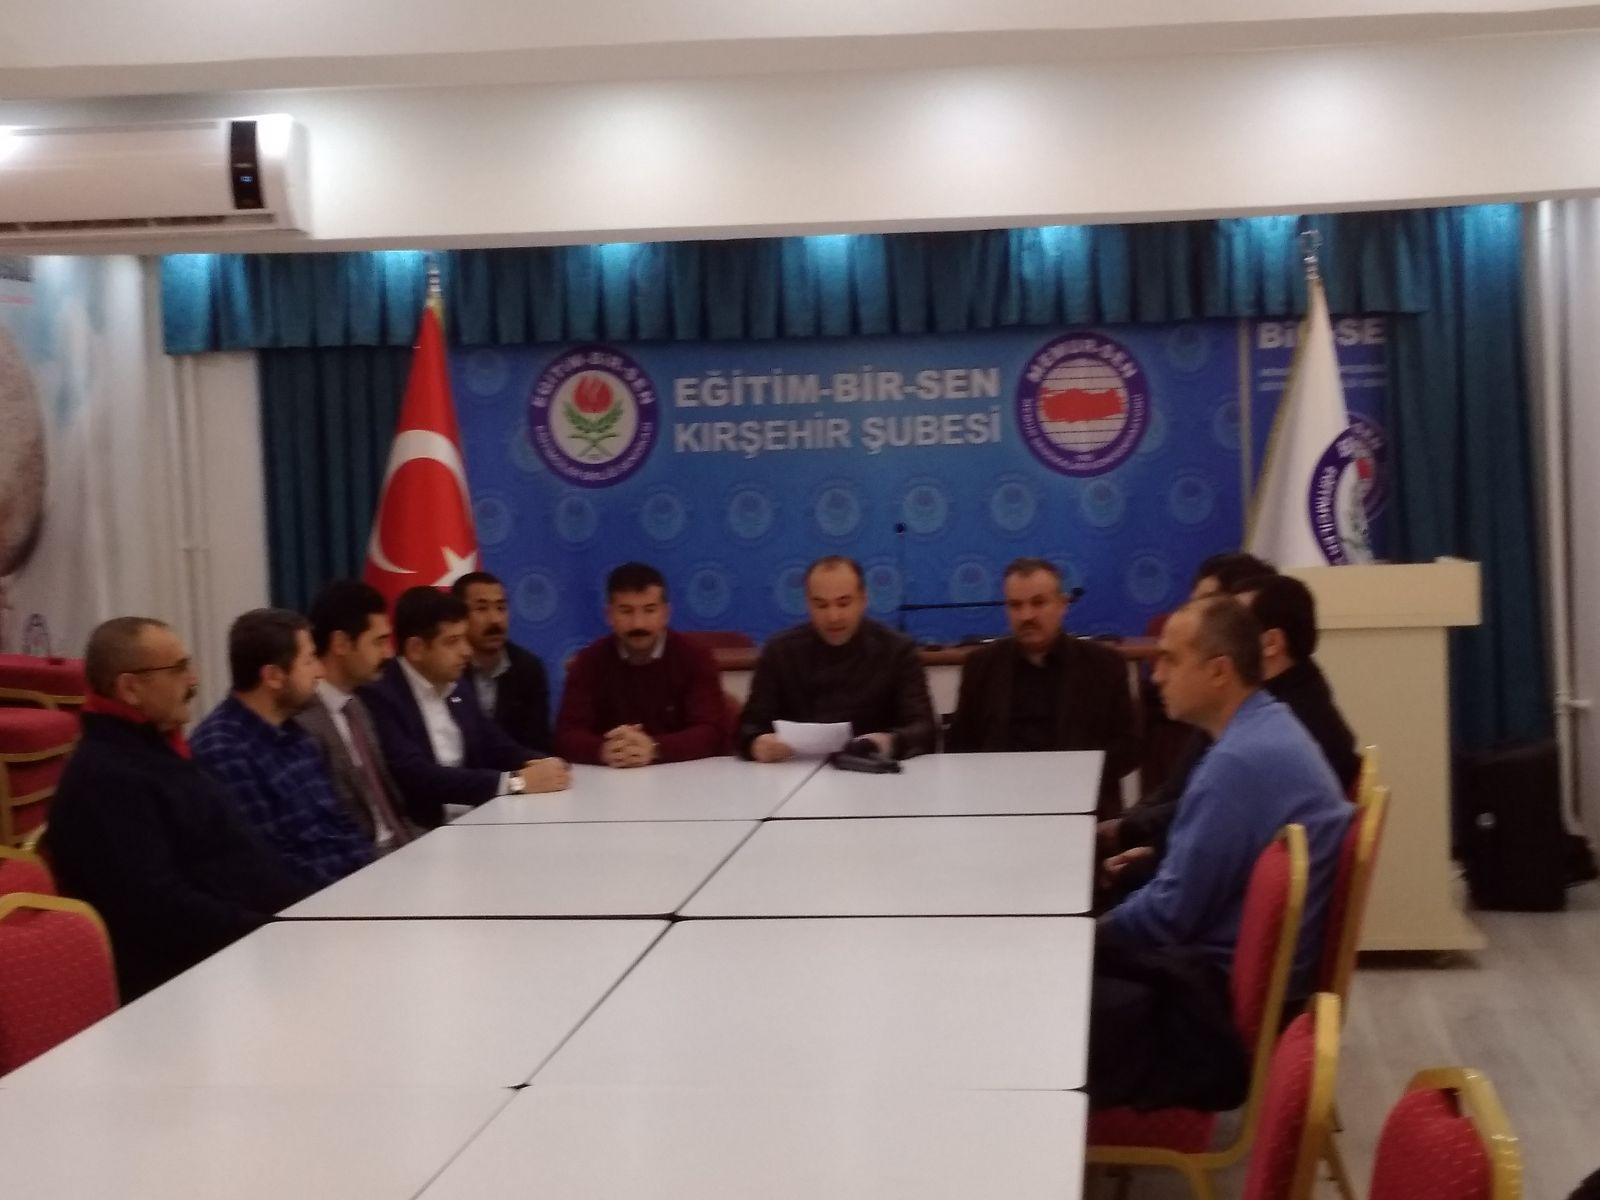 Eğitim Birsen Şube başkanı ve Memur Sen İl temsilcisi Başkanımız Fatih Mehmet YAVUZ Sözleşmeli Öğretmenlerin Hakları için Basın Açıklaması Yaptı.